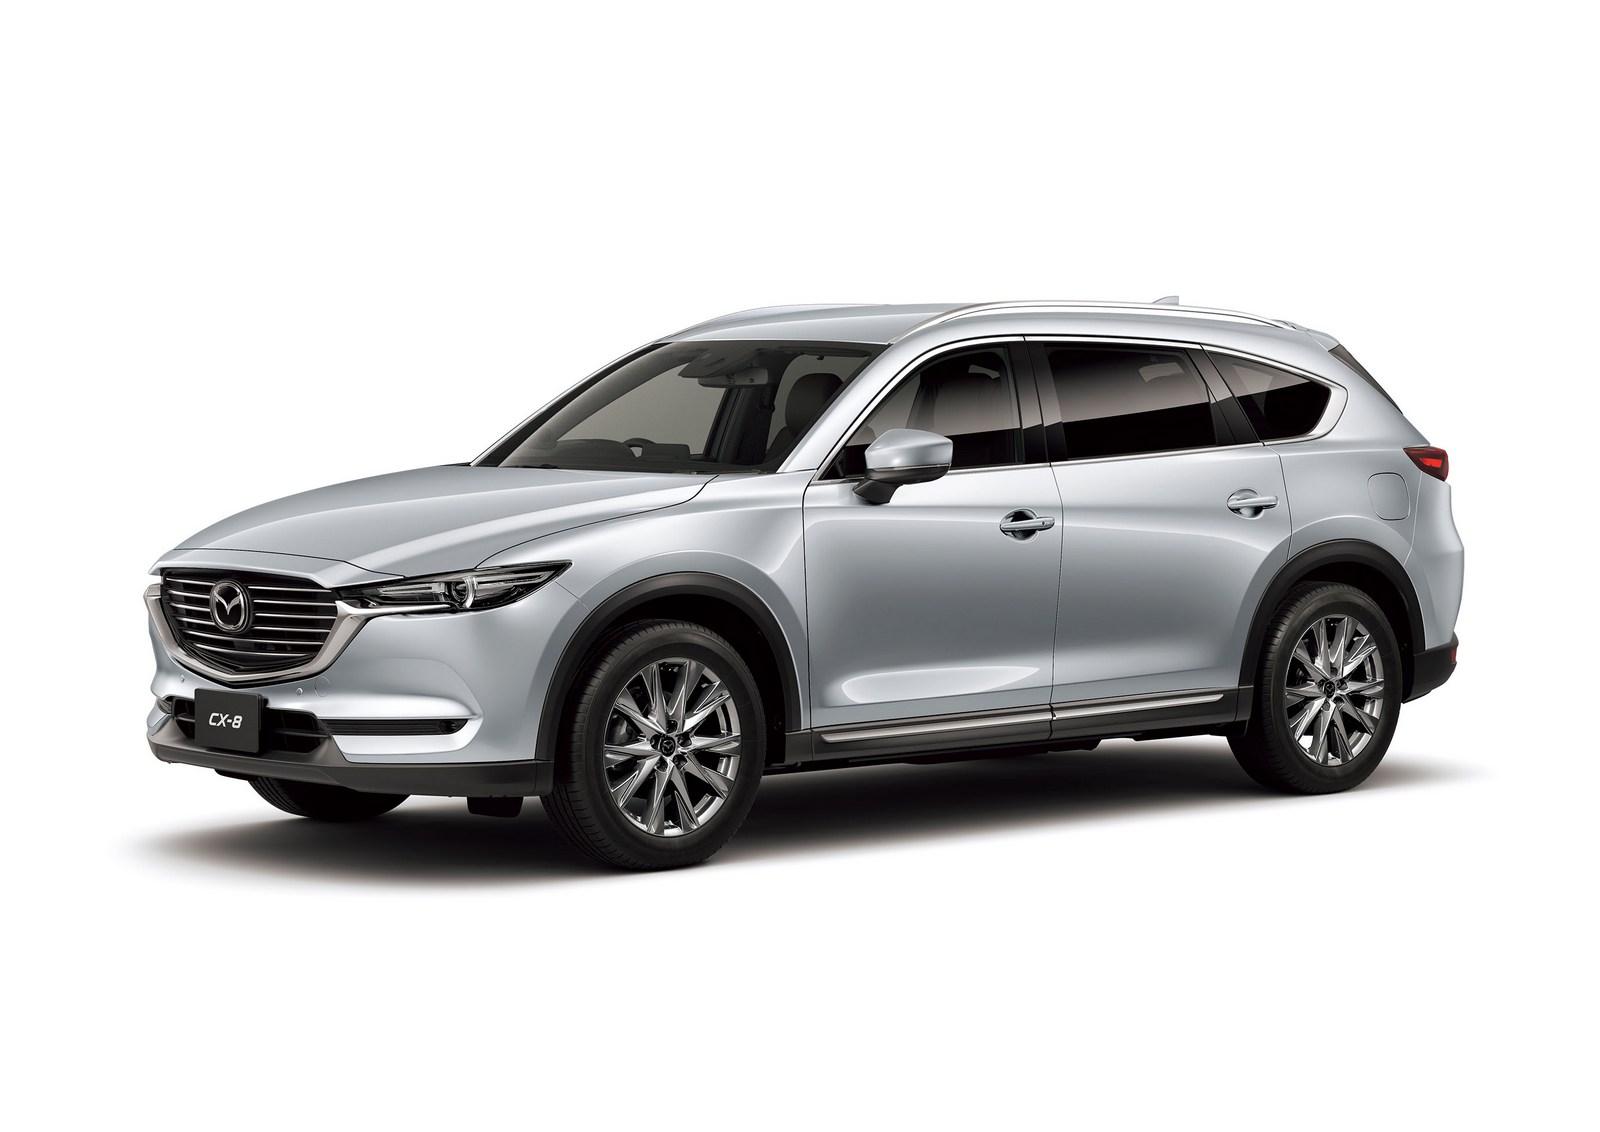 Mazda-CX-8-6